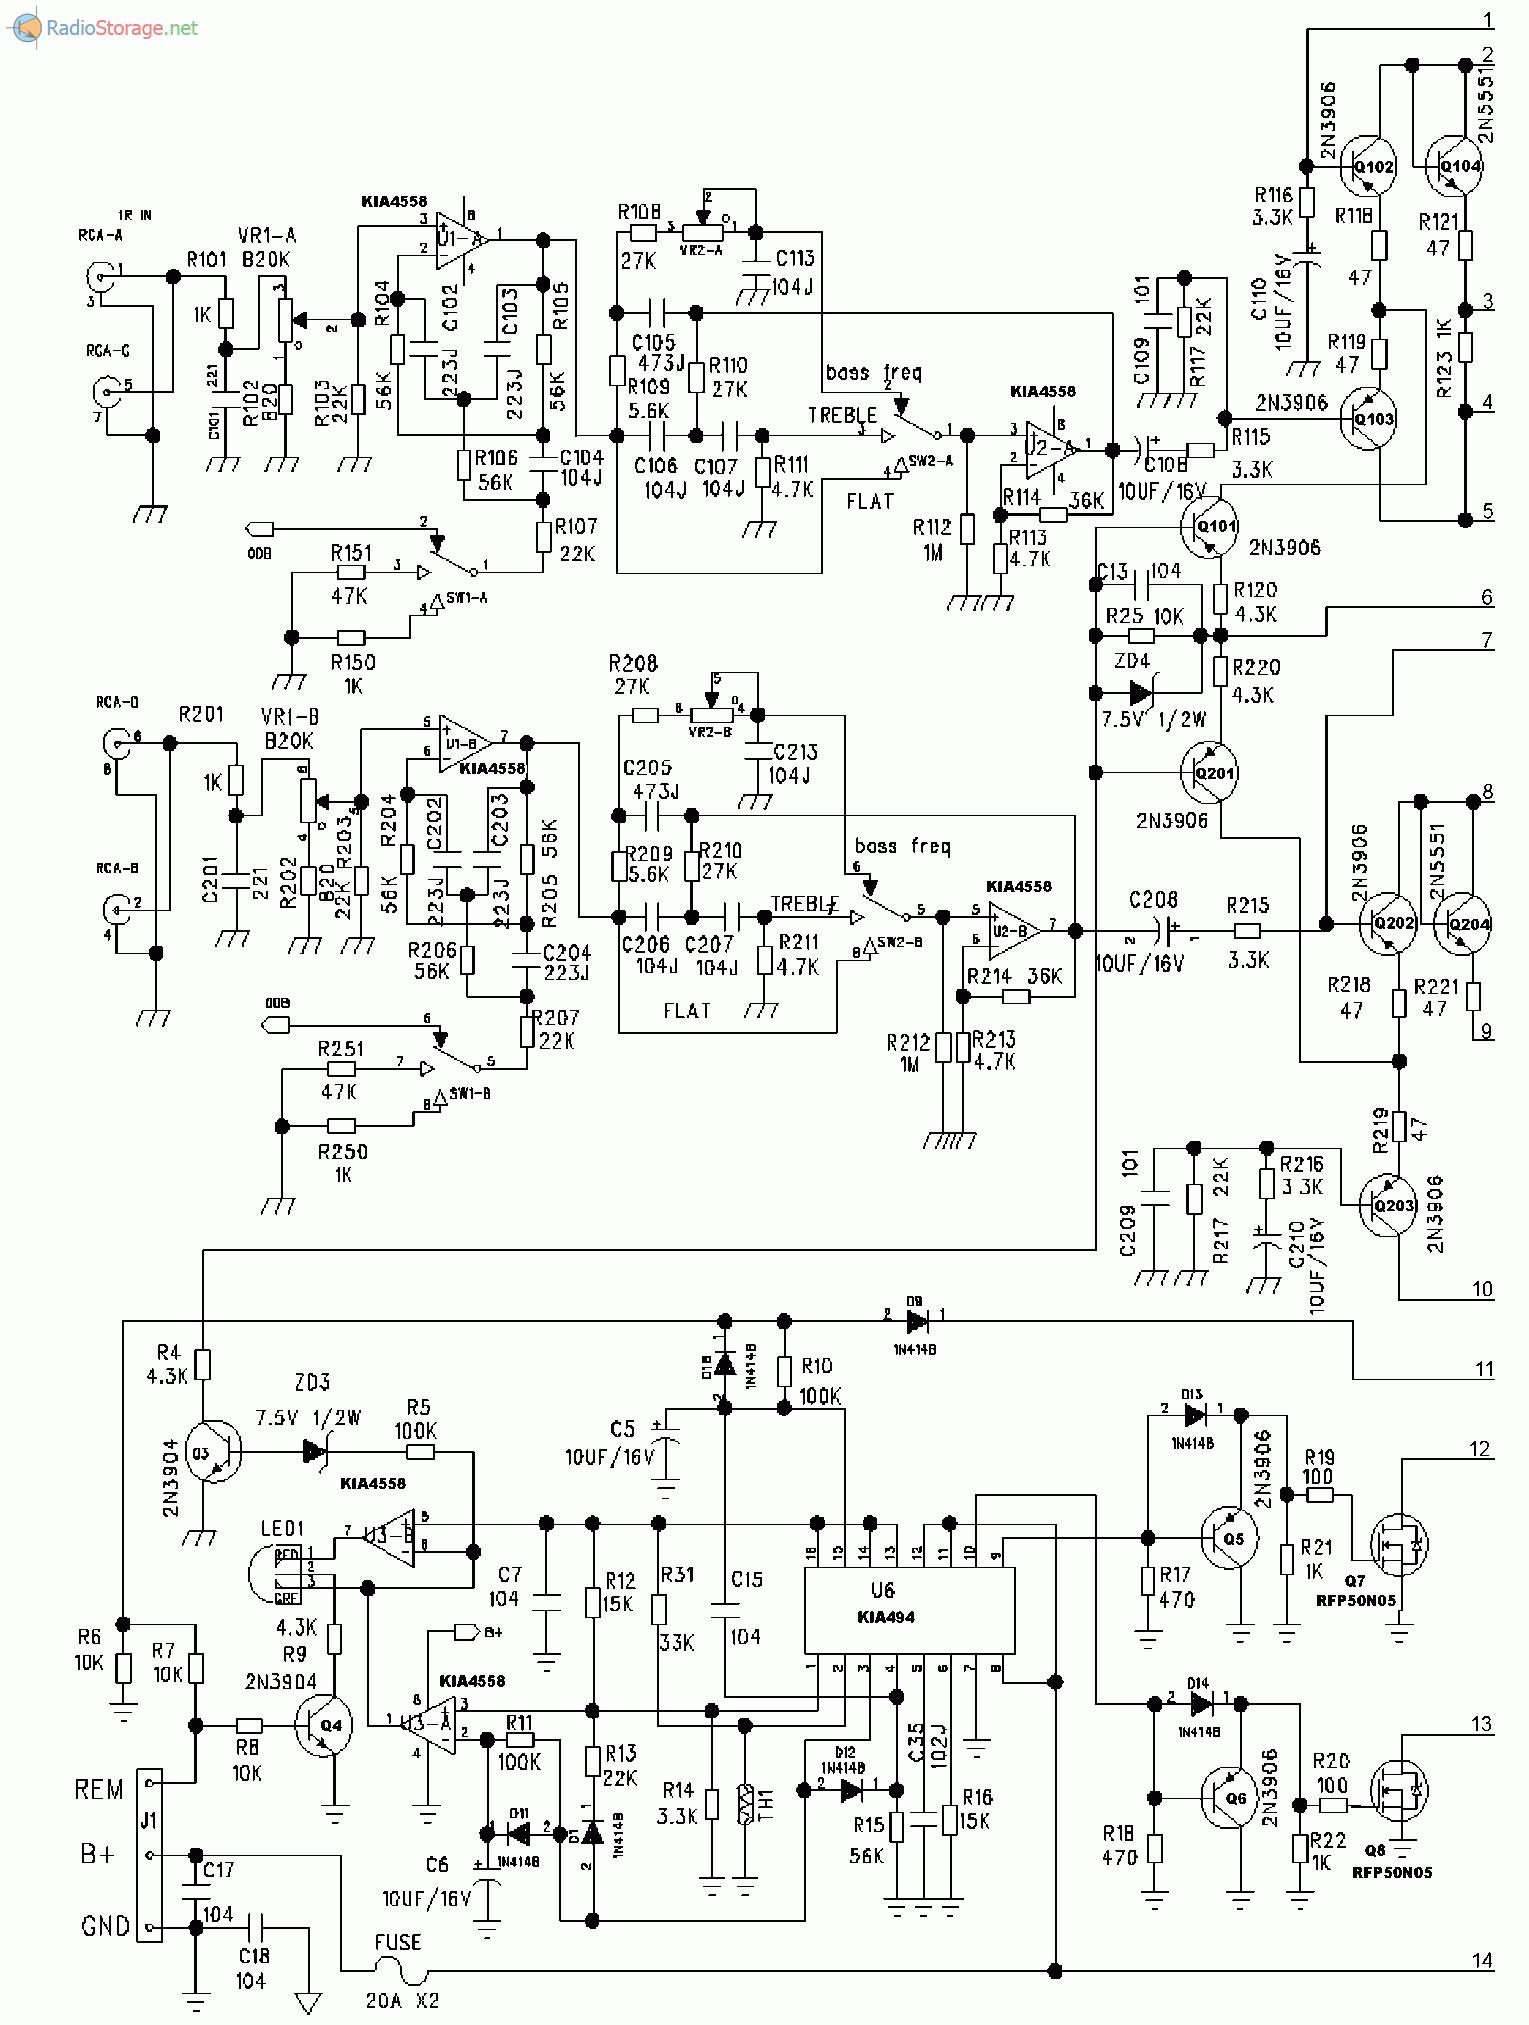 Принципиальная схема усилителя SUPRA SBD-A2135 (часть 1)